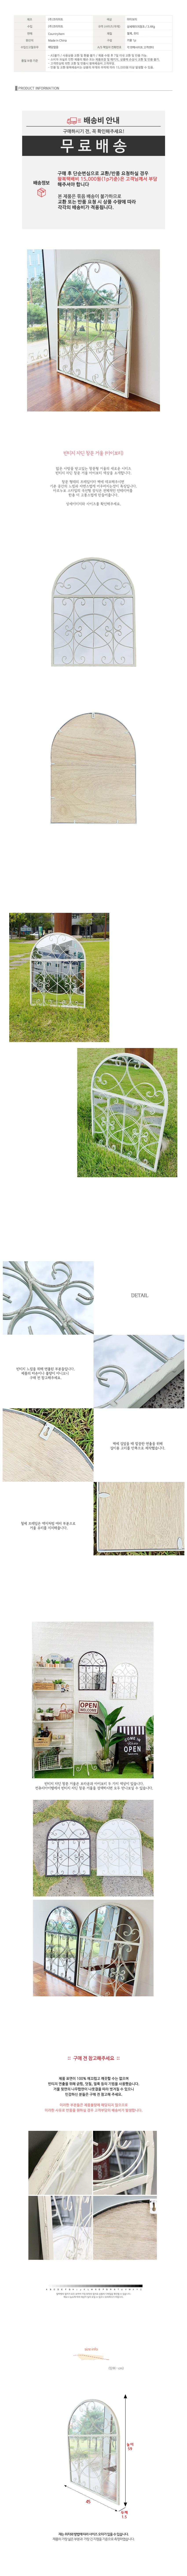 빈티지 자딘 창문 거울 (아이보리) - 컨츄리아이템, 79,000원, 거울, 벽걸이거울